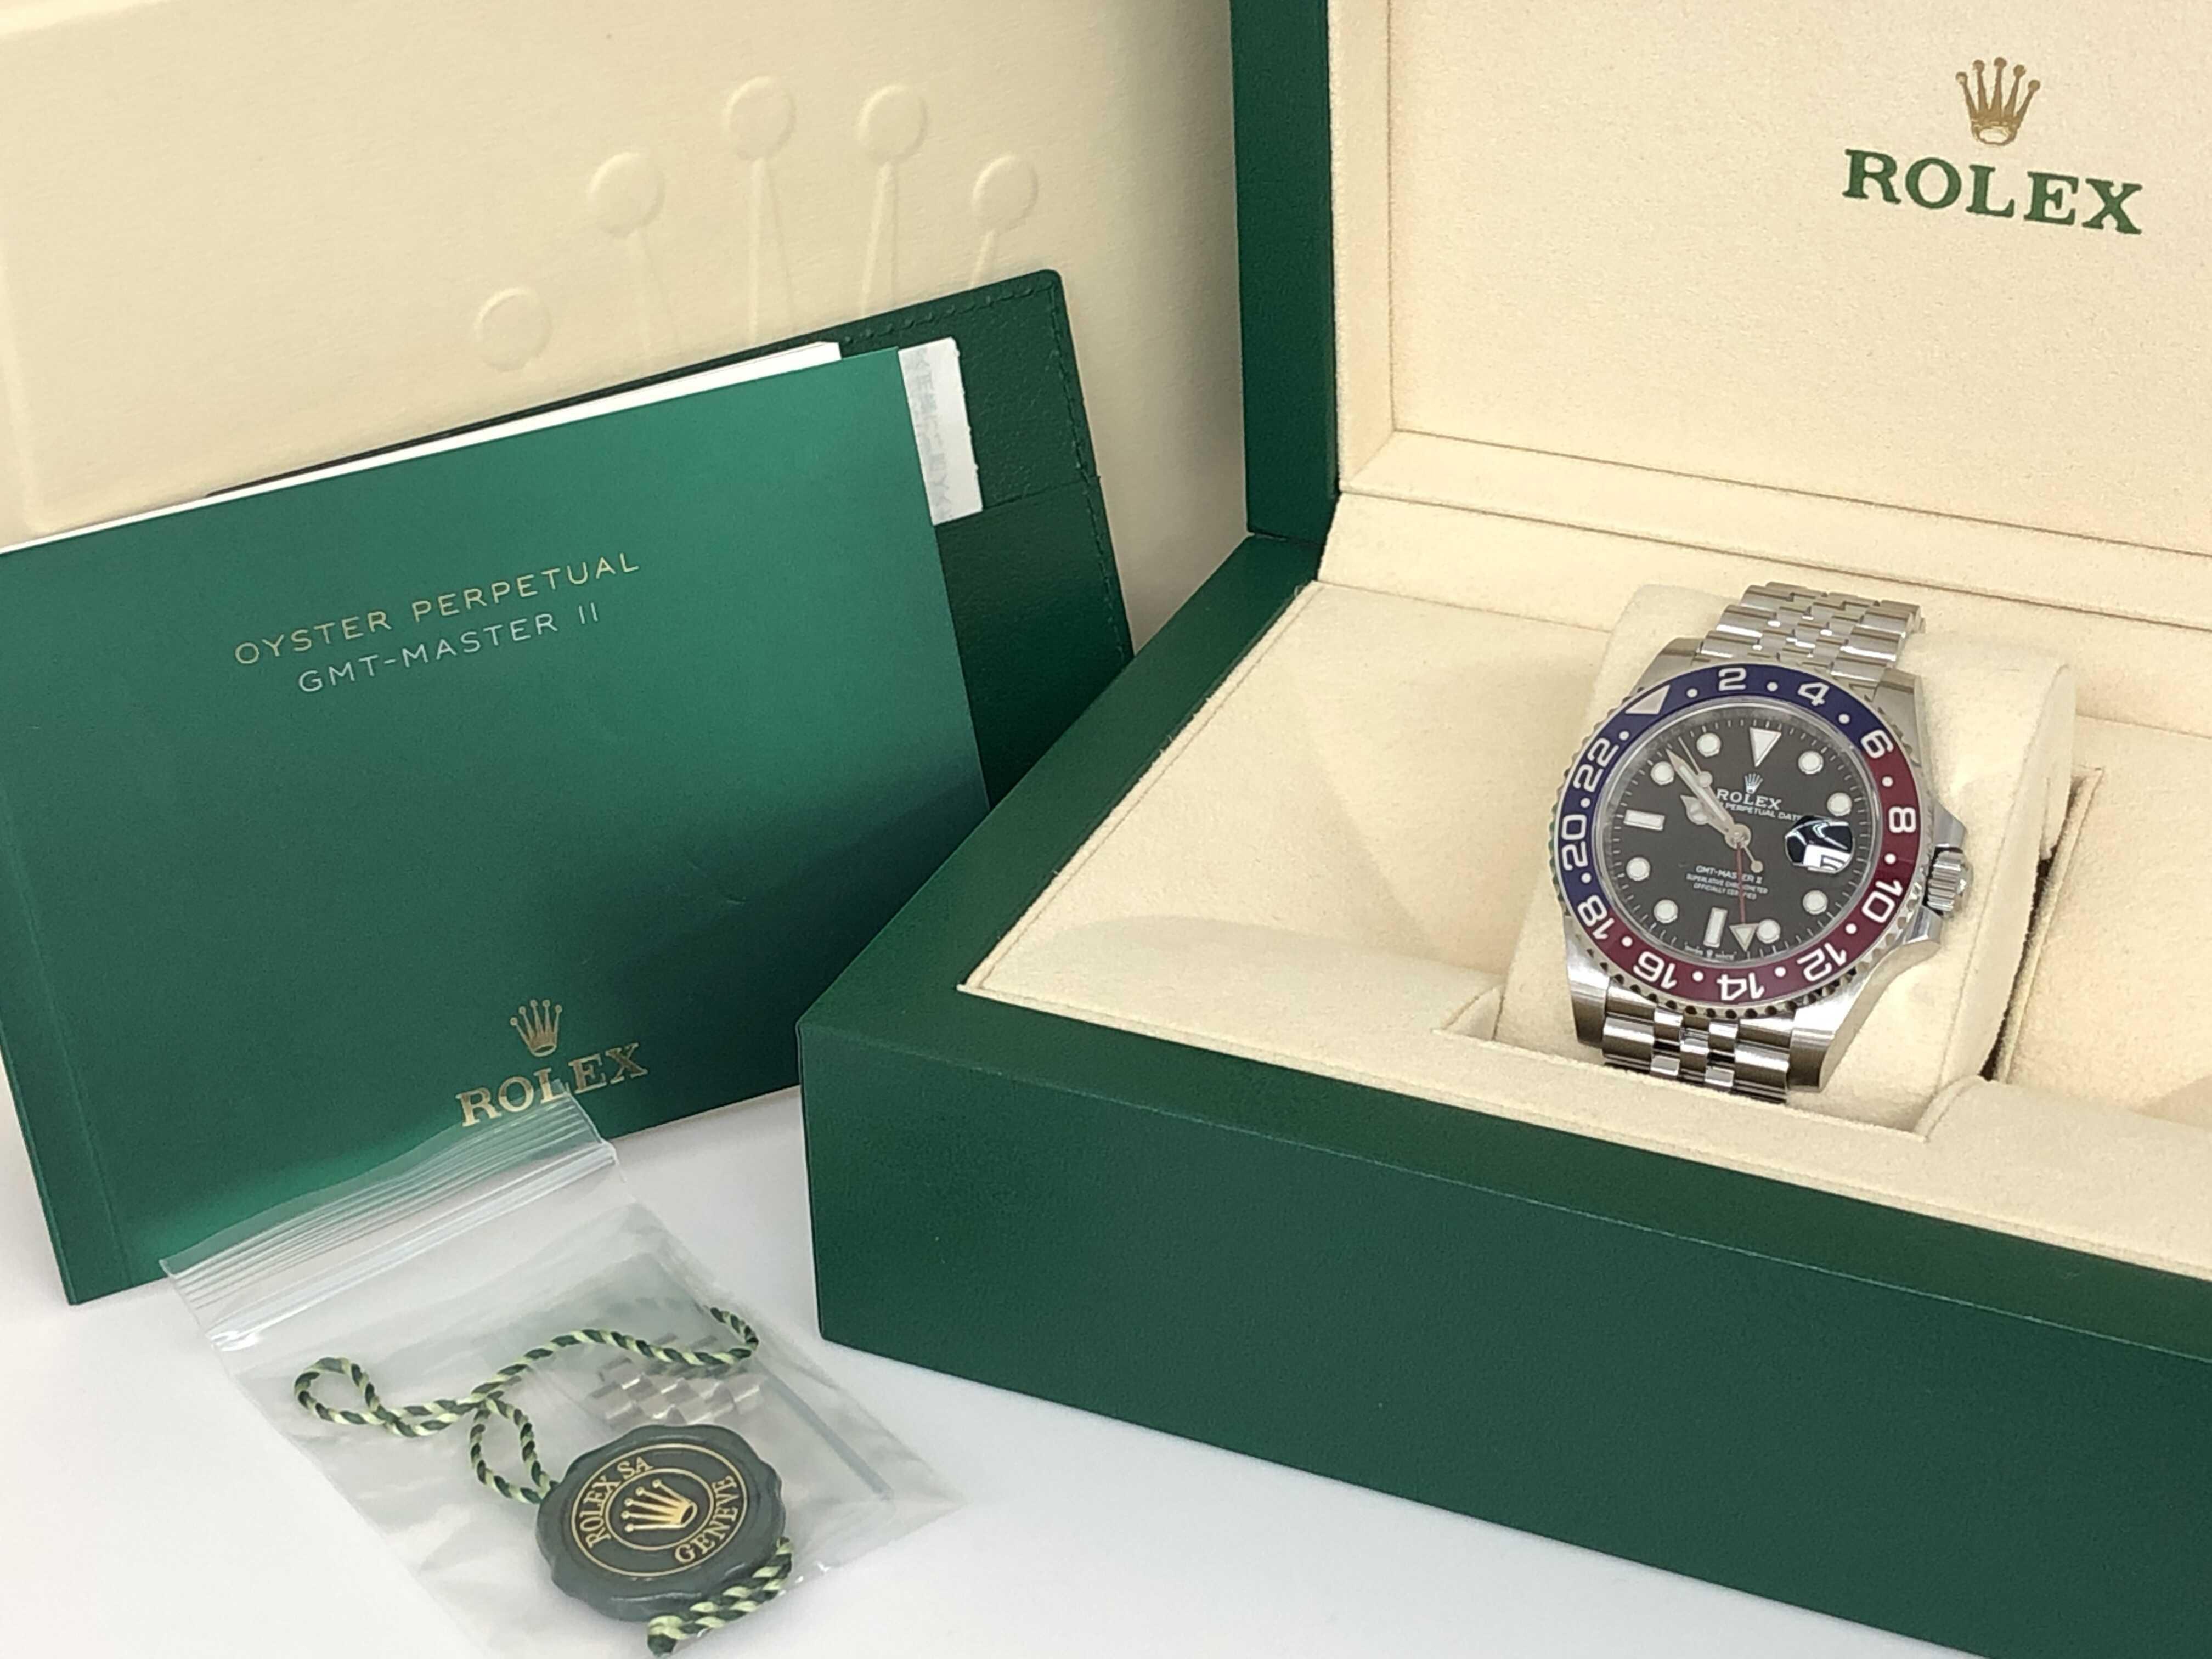 (1935_0197)ロレックス 126710BLRO 4Z8849J1 メンズ腕時計